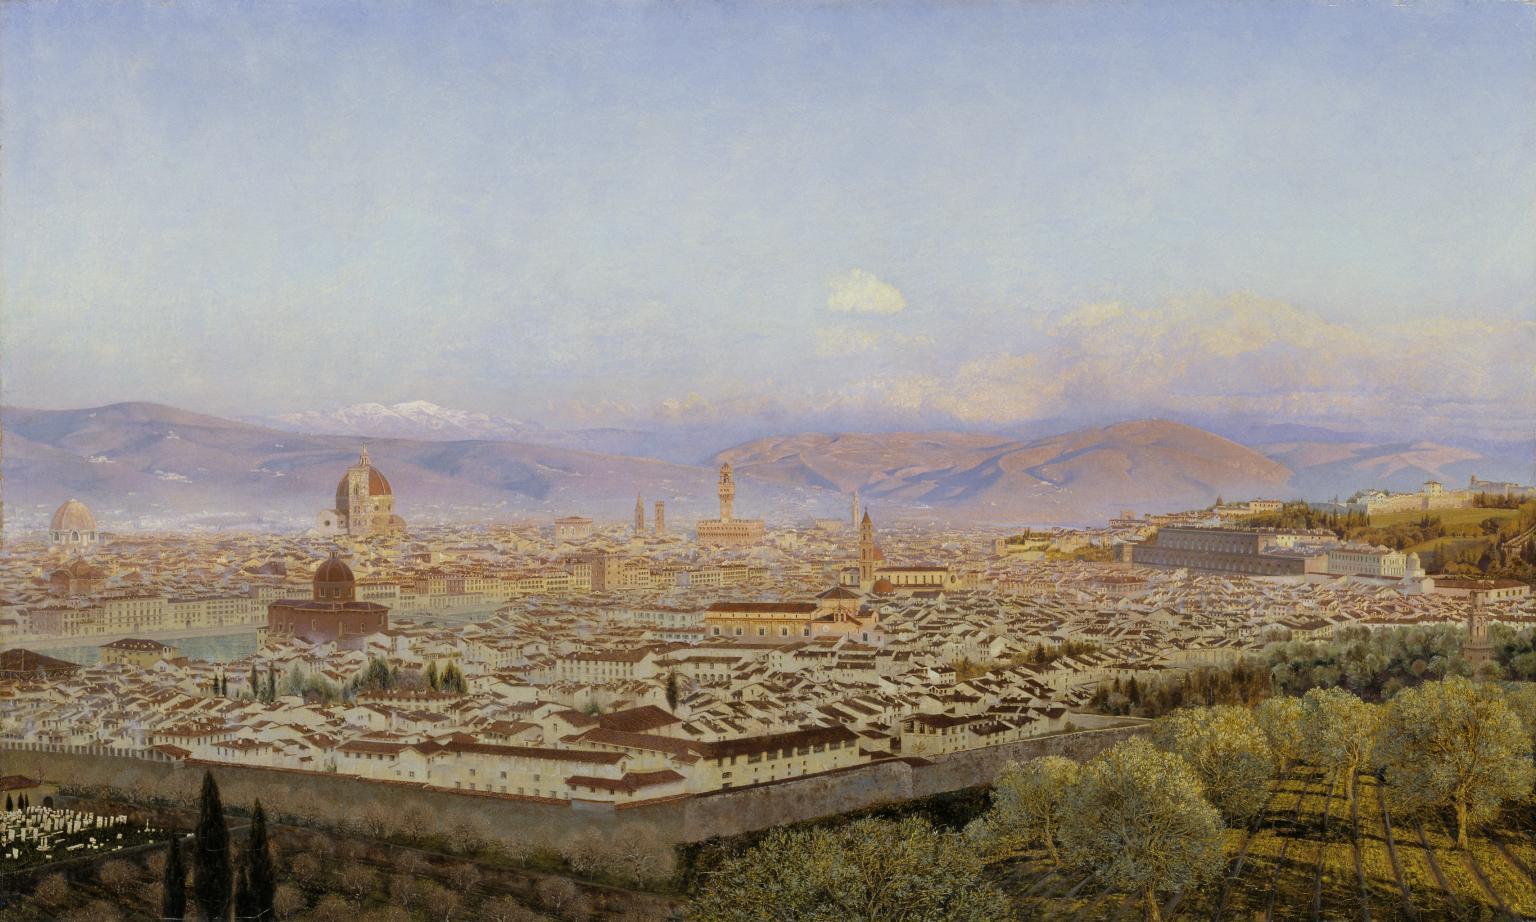 Florence from Bellosguardo 1863 by John Brett 1831-1902